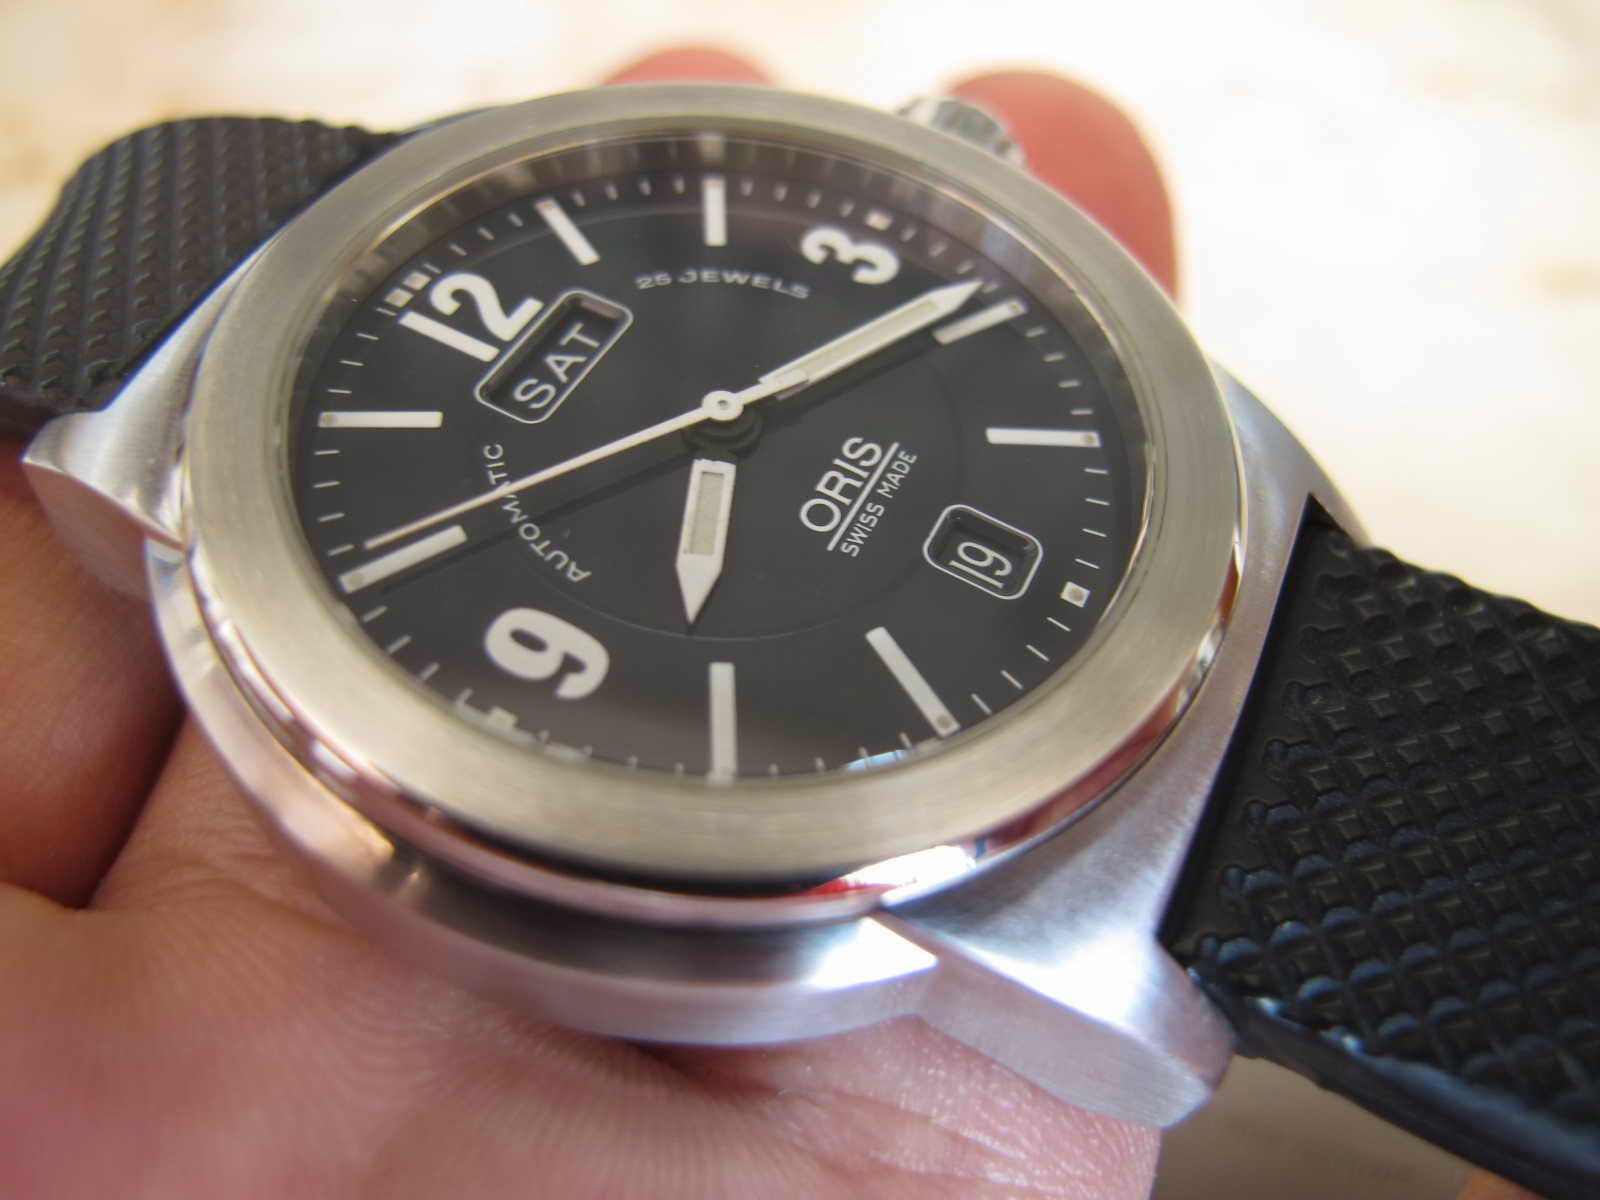 Tebal case 10 mm dan lebar lug 20 mm Cocok untuk Anda yang sedang mencari jam tangan model Simple Swiss made matic high beat ORIS DAY DATE